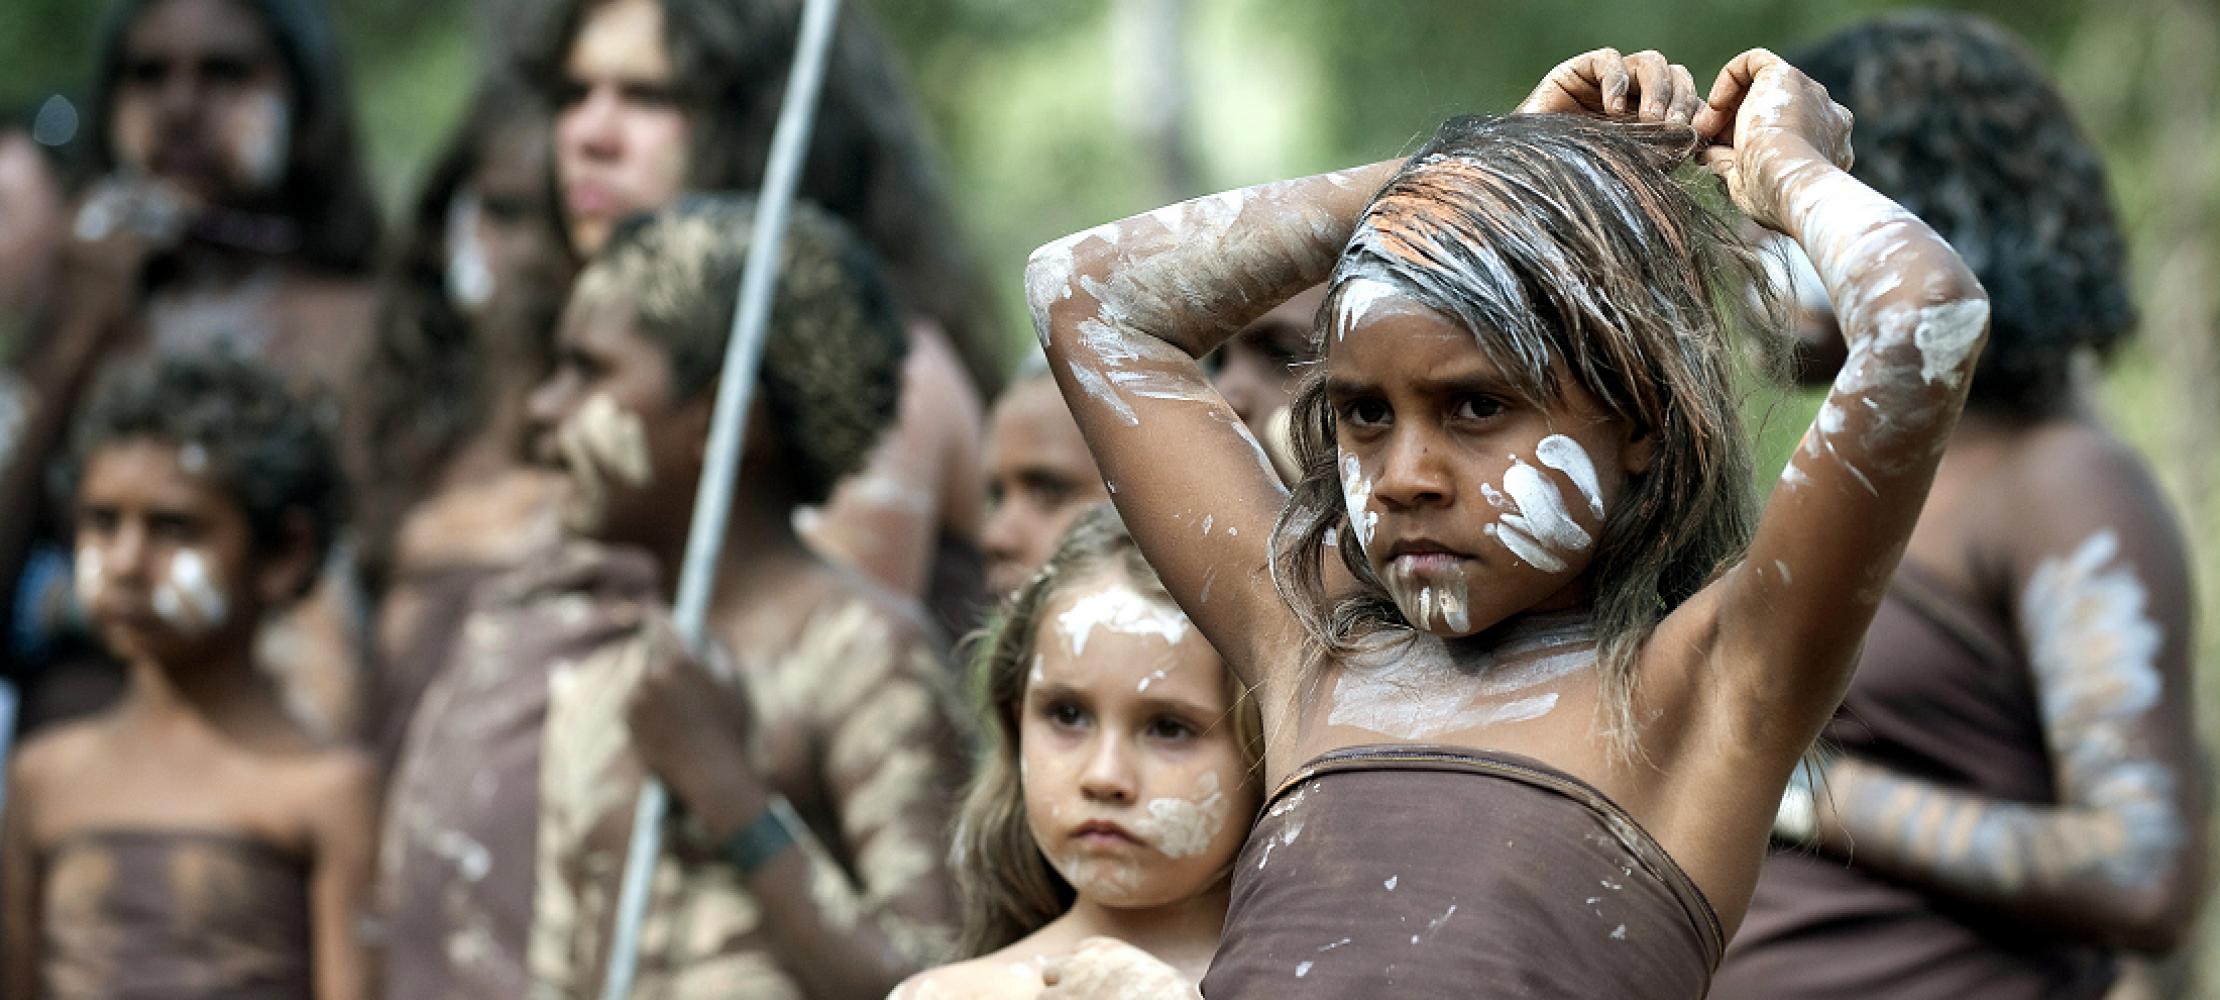 erwachsene australien in das leben sozial, junge